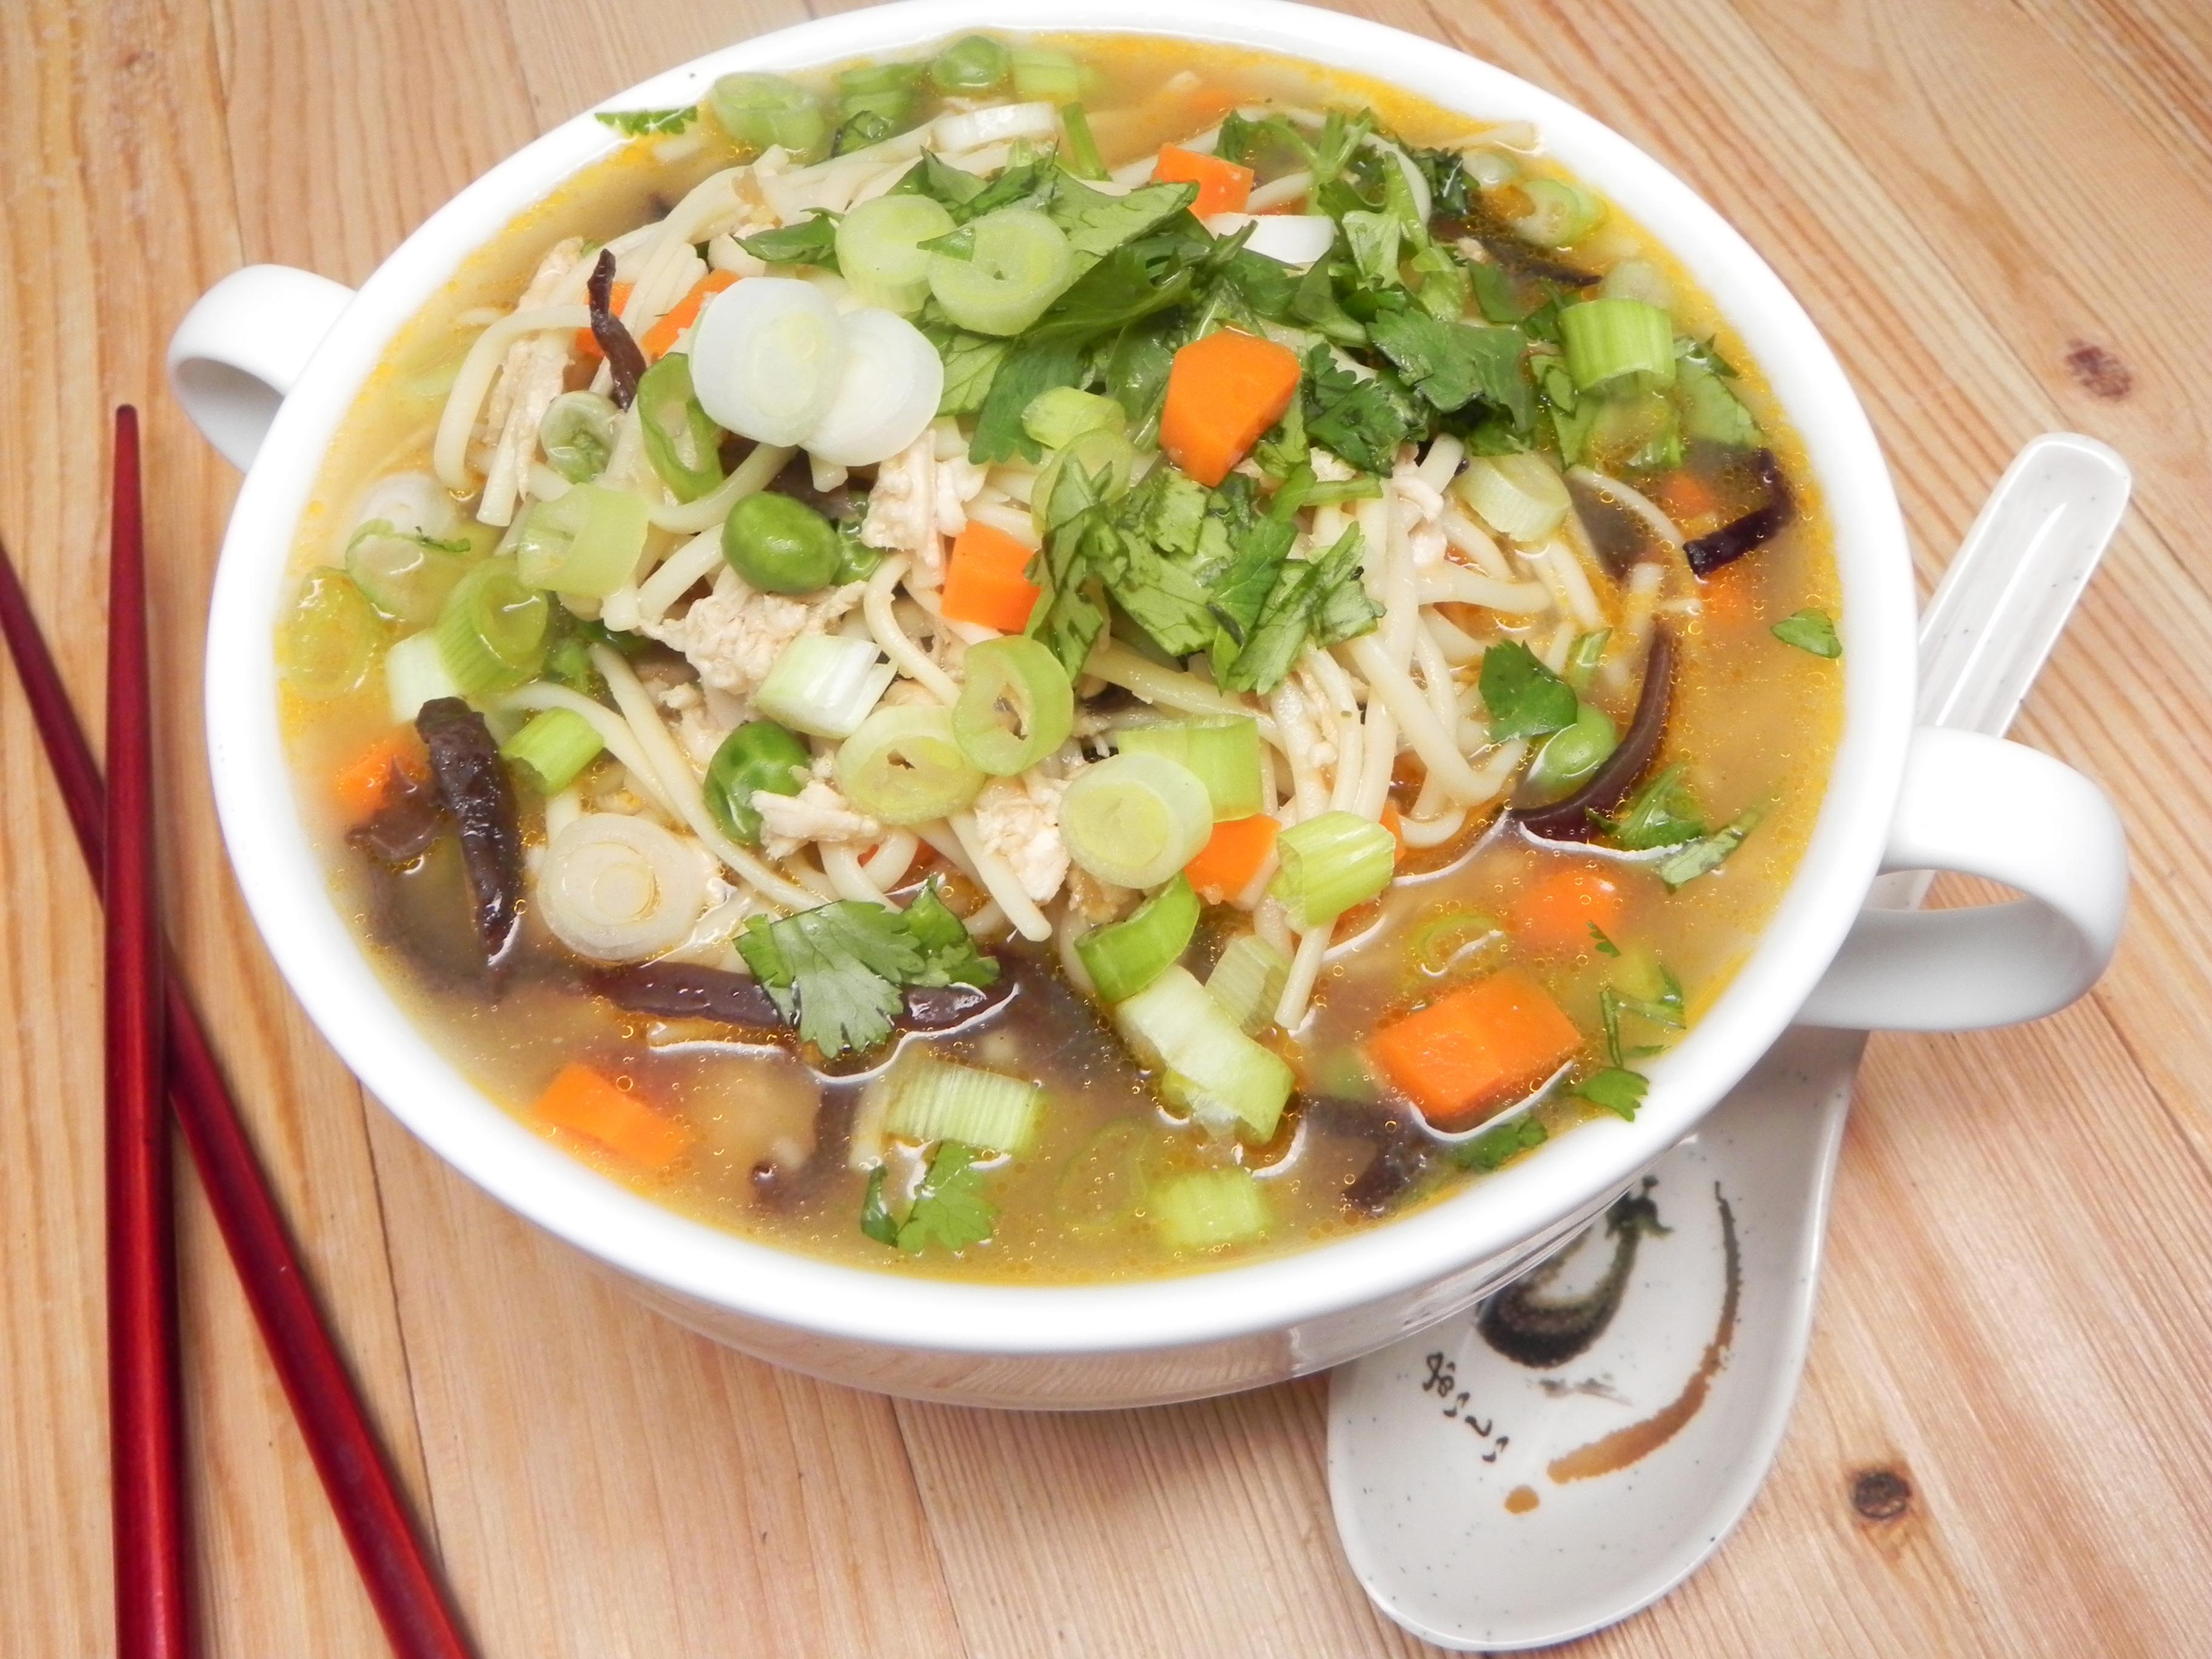 Receita de Sopa de Frango com Capim-Limão cambojano